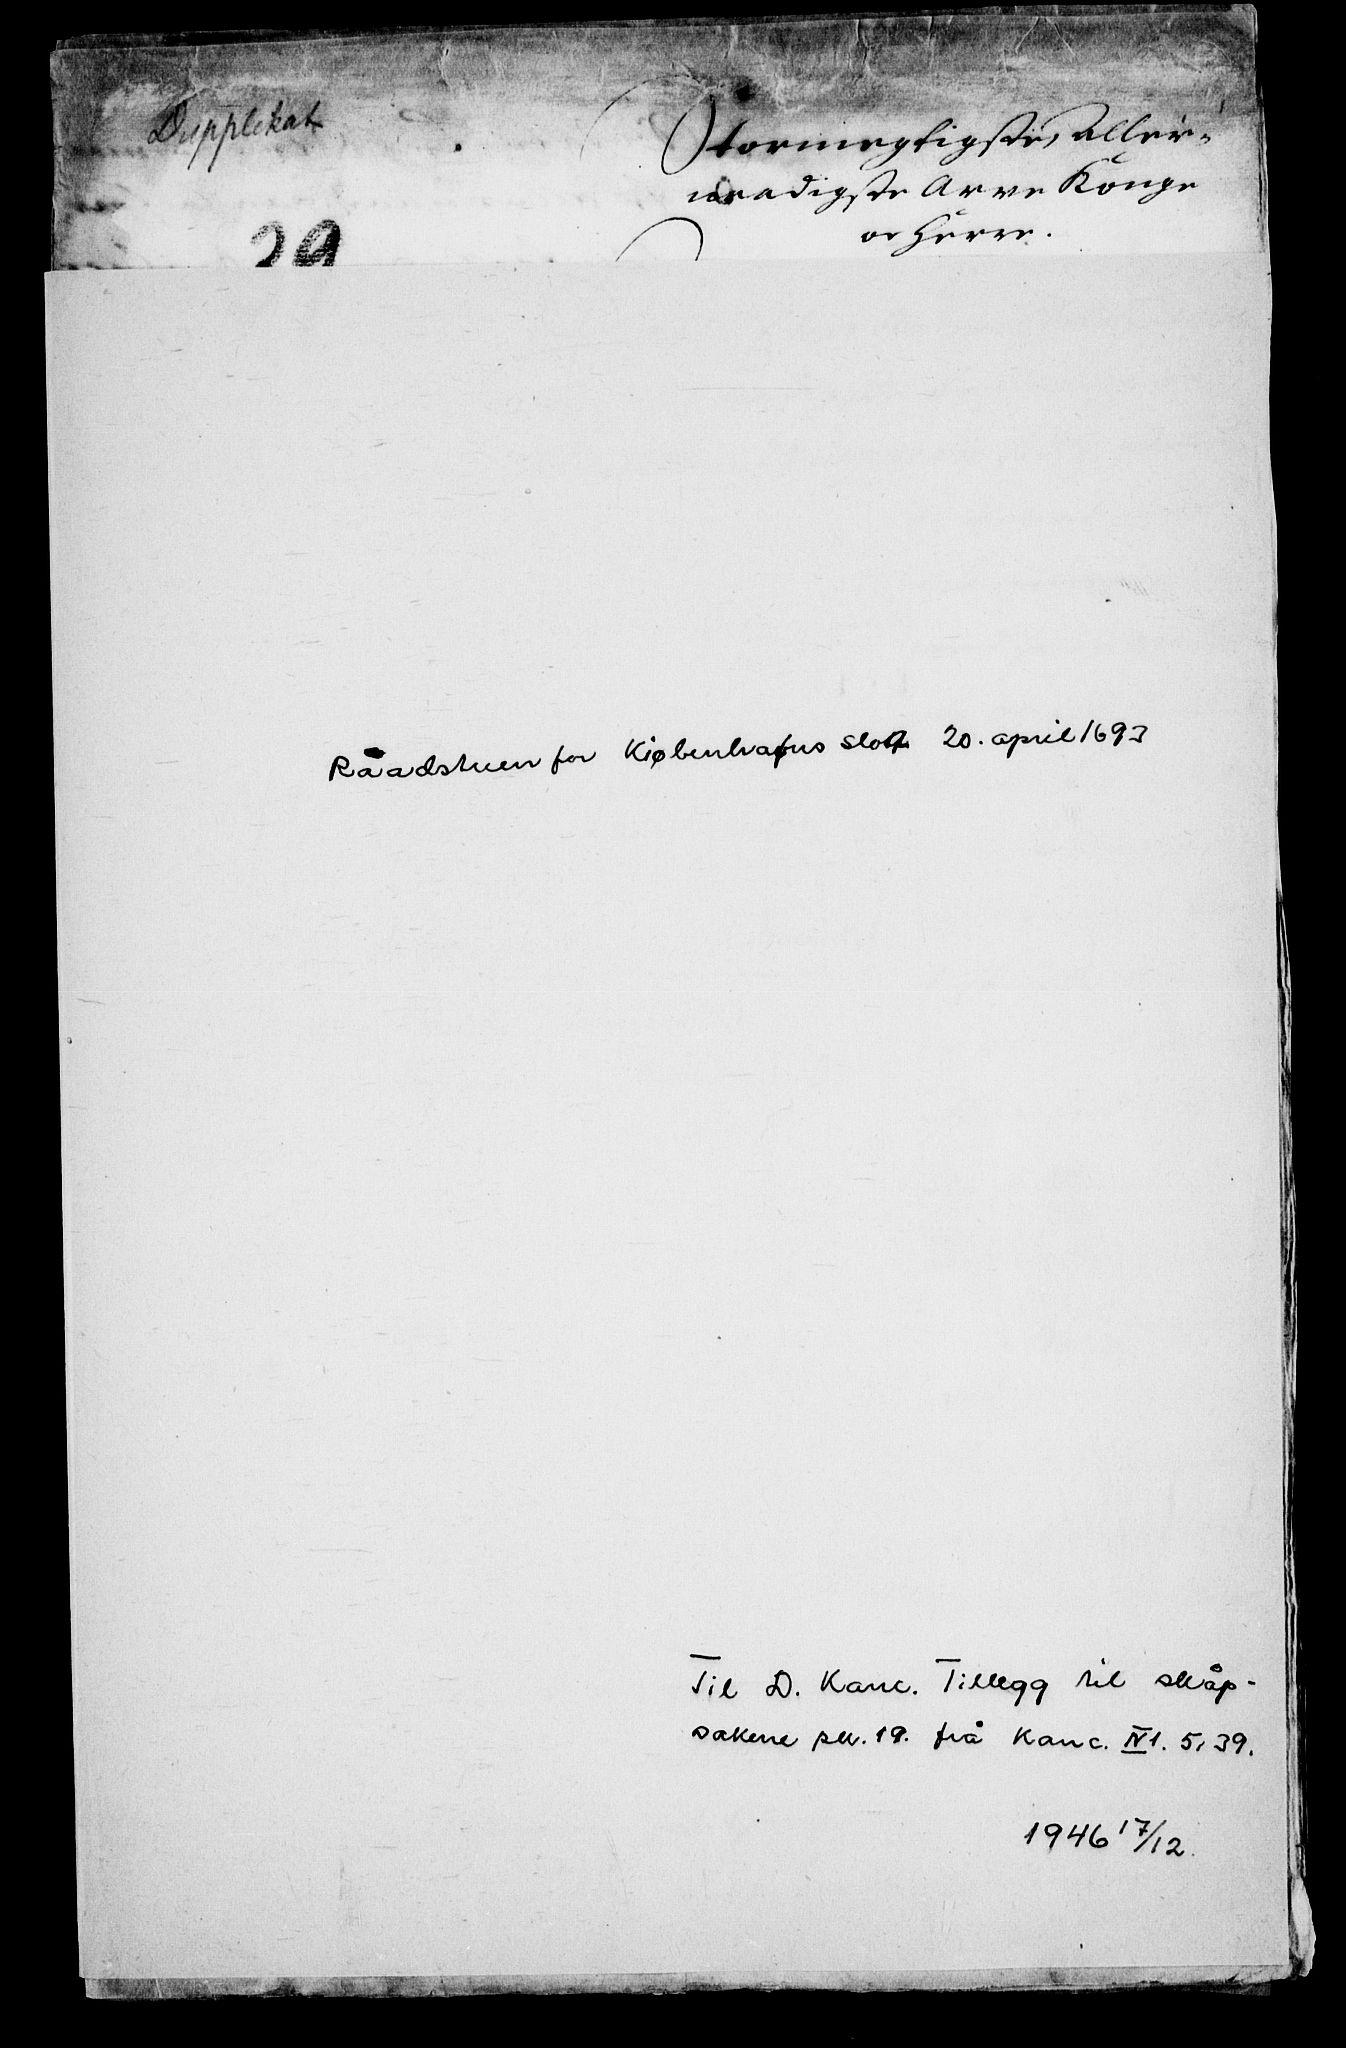 RA, Danske Kanselli, Skapsaker, G/L0019: Tillegg til skapsakene, 1616-1753, s. 272